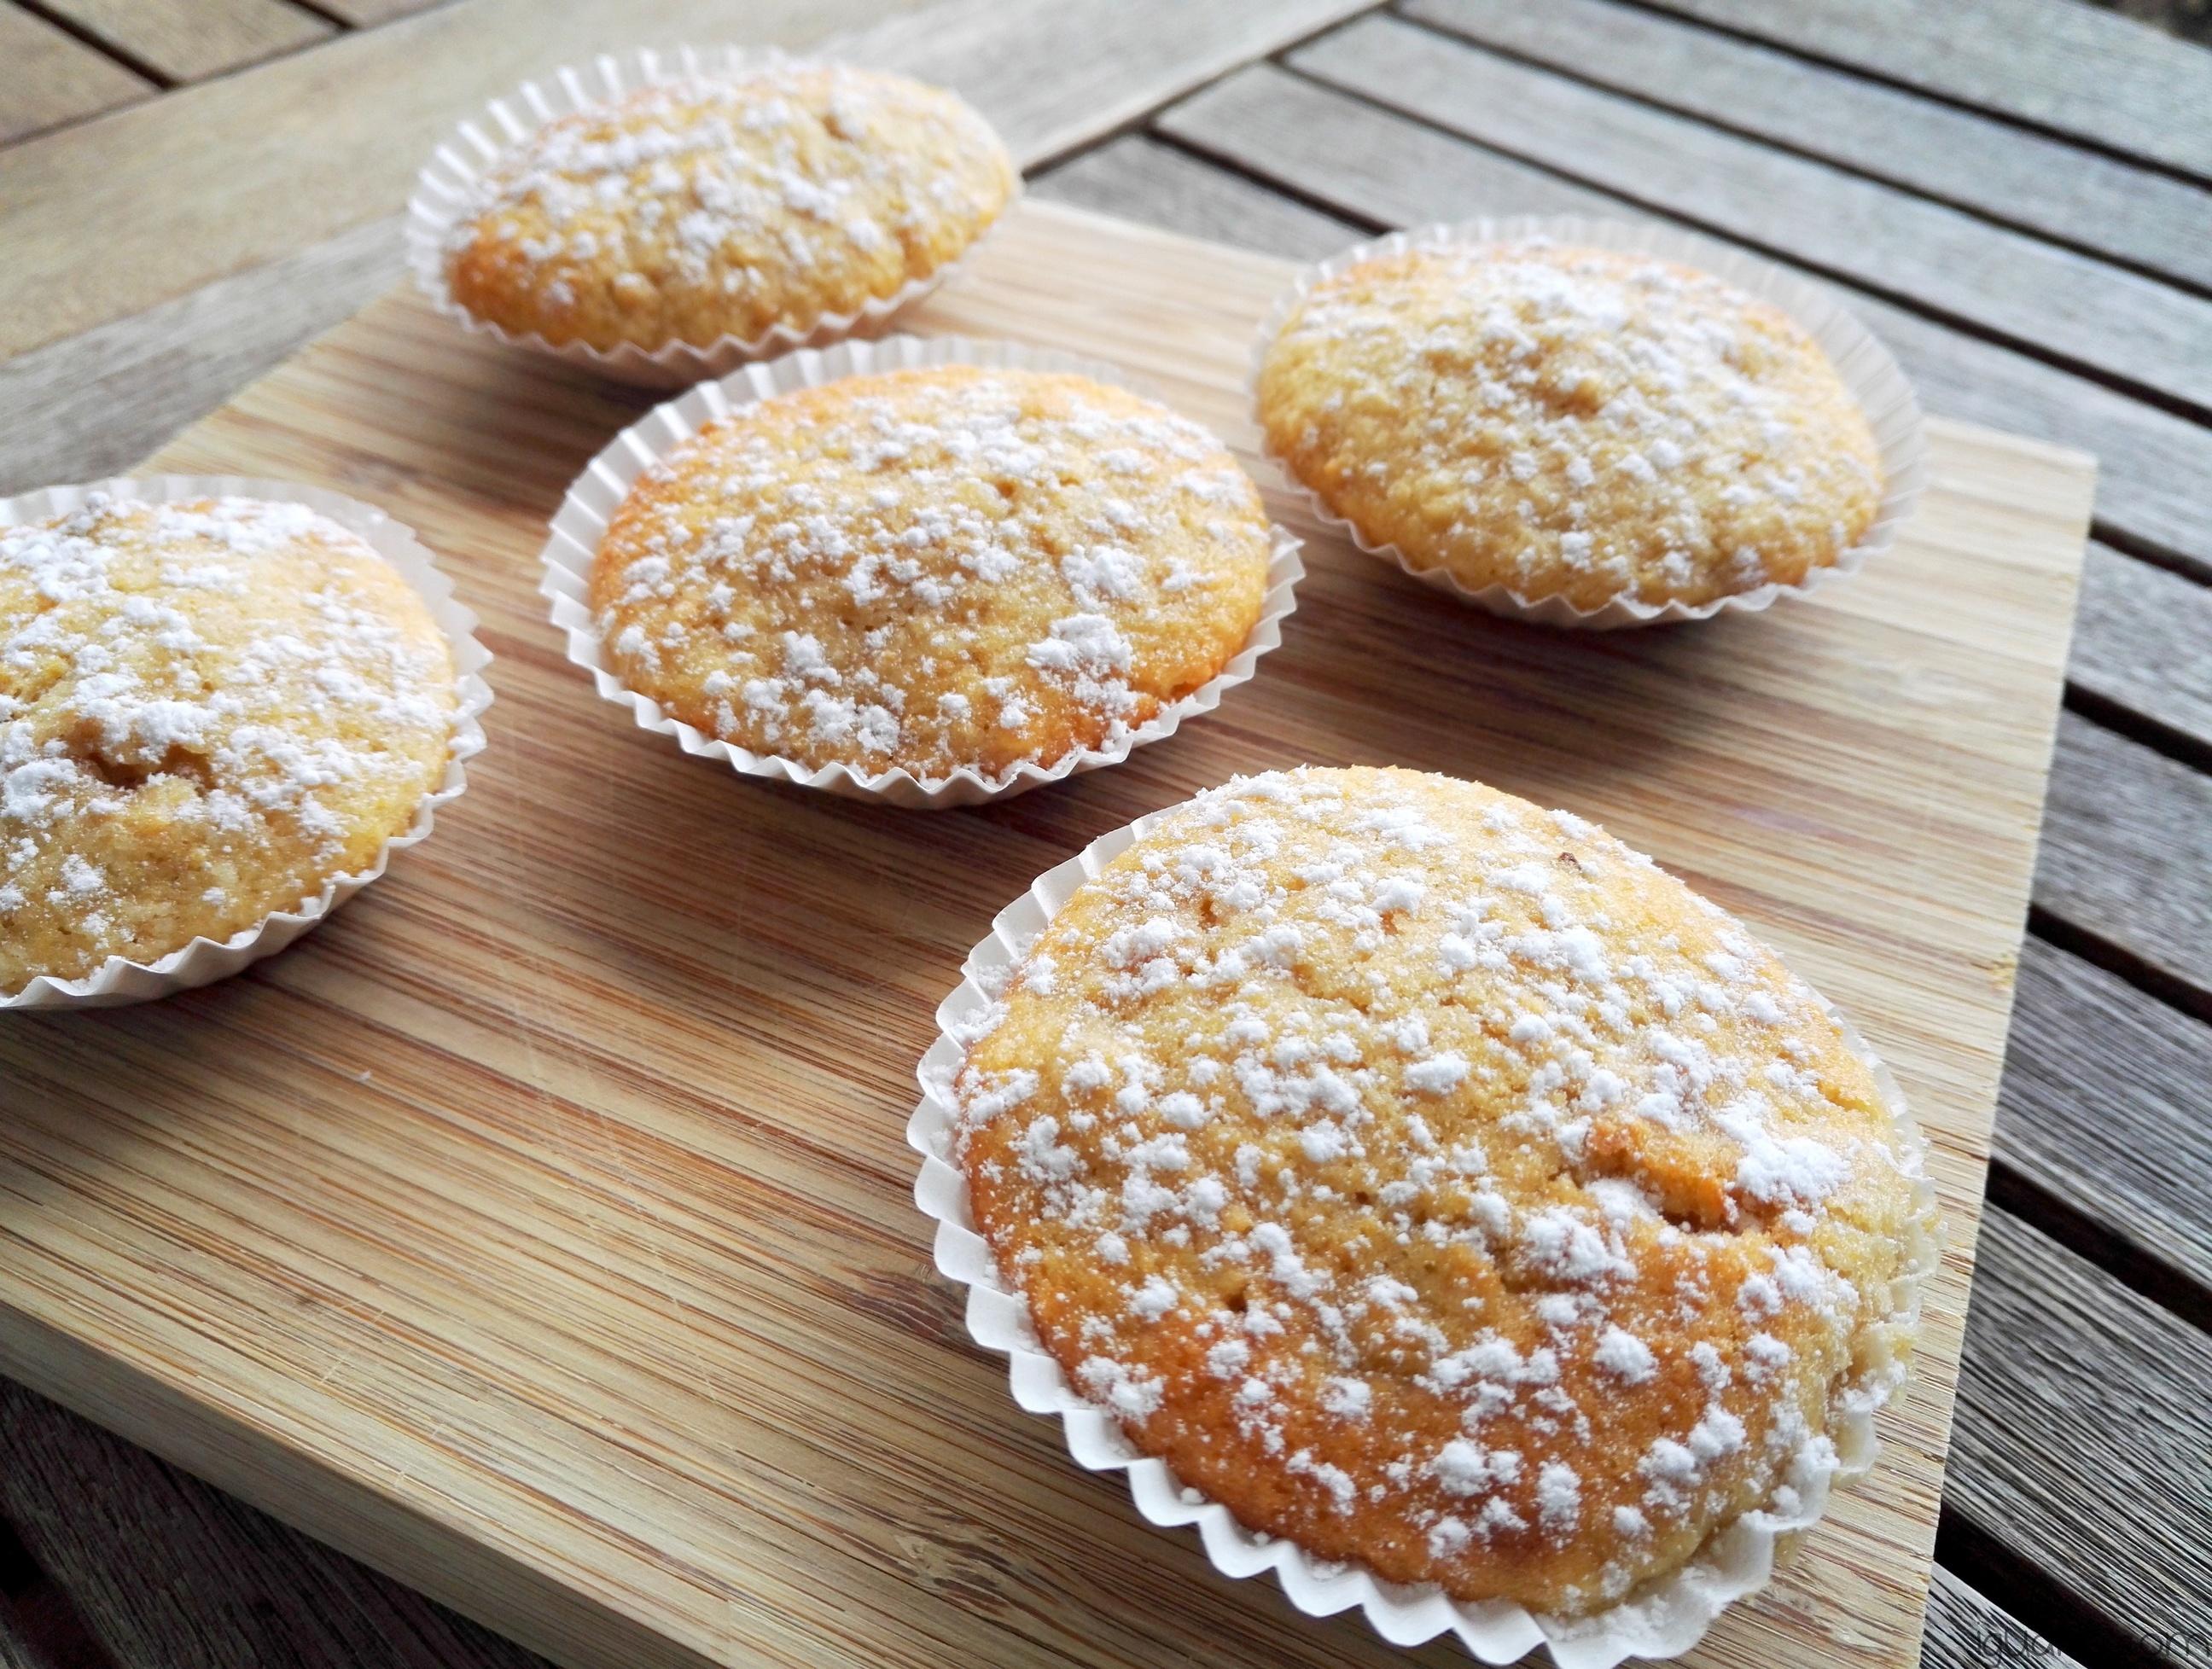 iguaria-queques-de-batata-doce